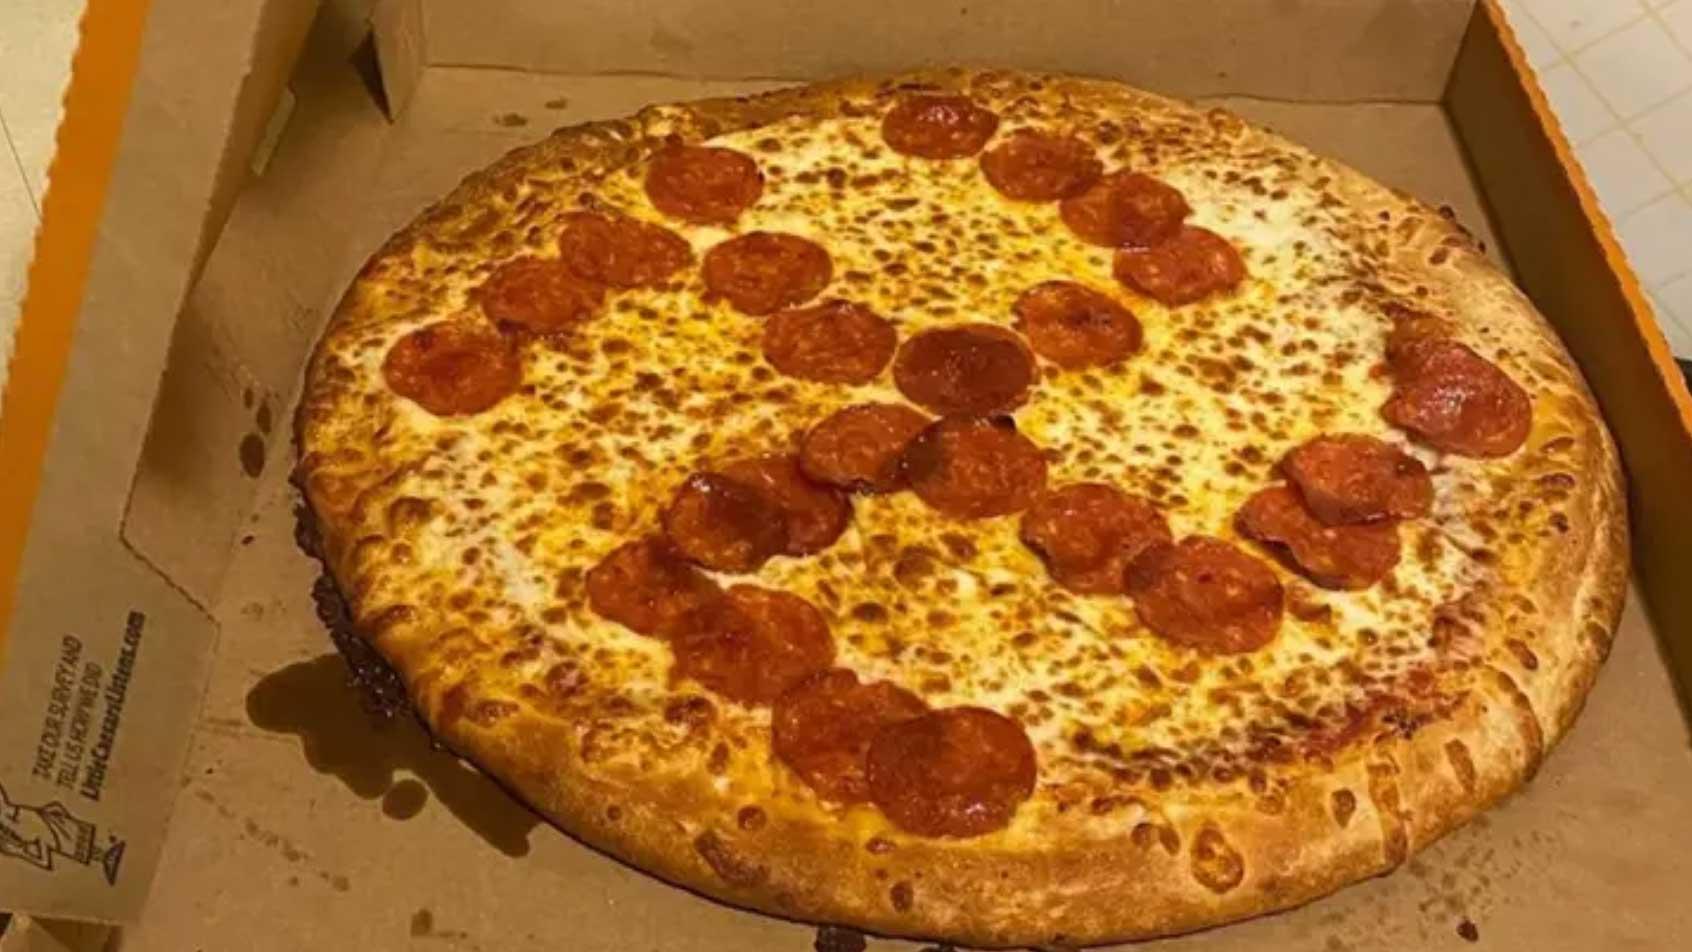 Ils découvrent une croix gammée en salami lorsqu'ils ouvrent leur boite de pizza